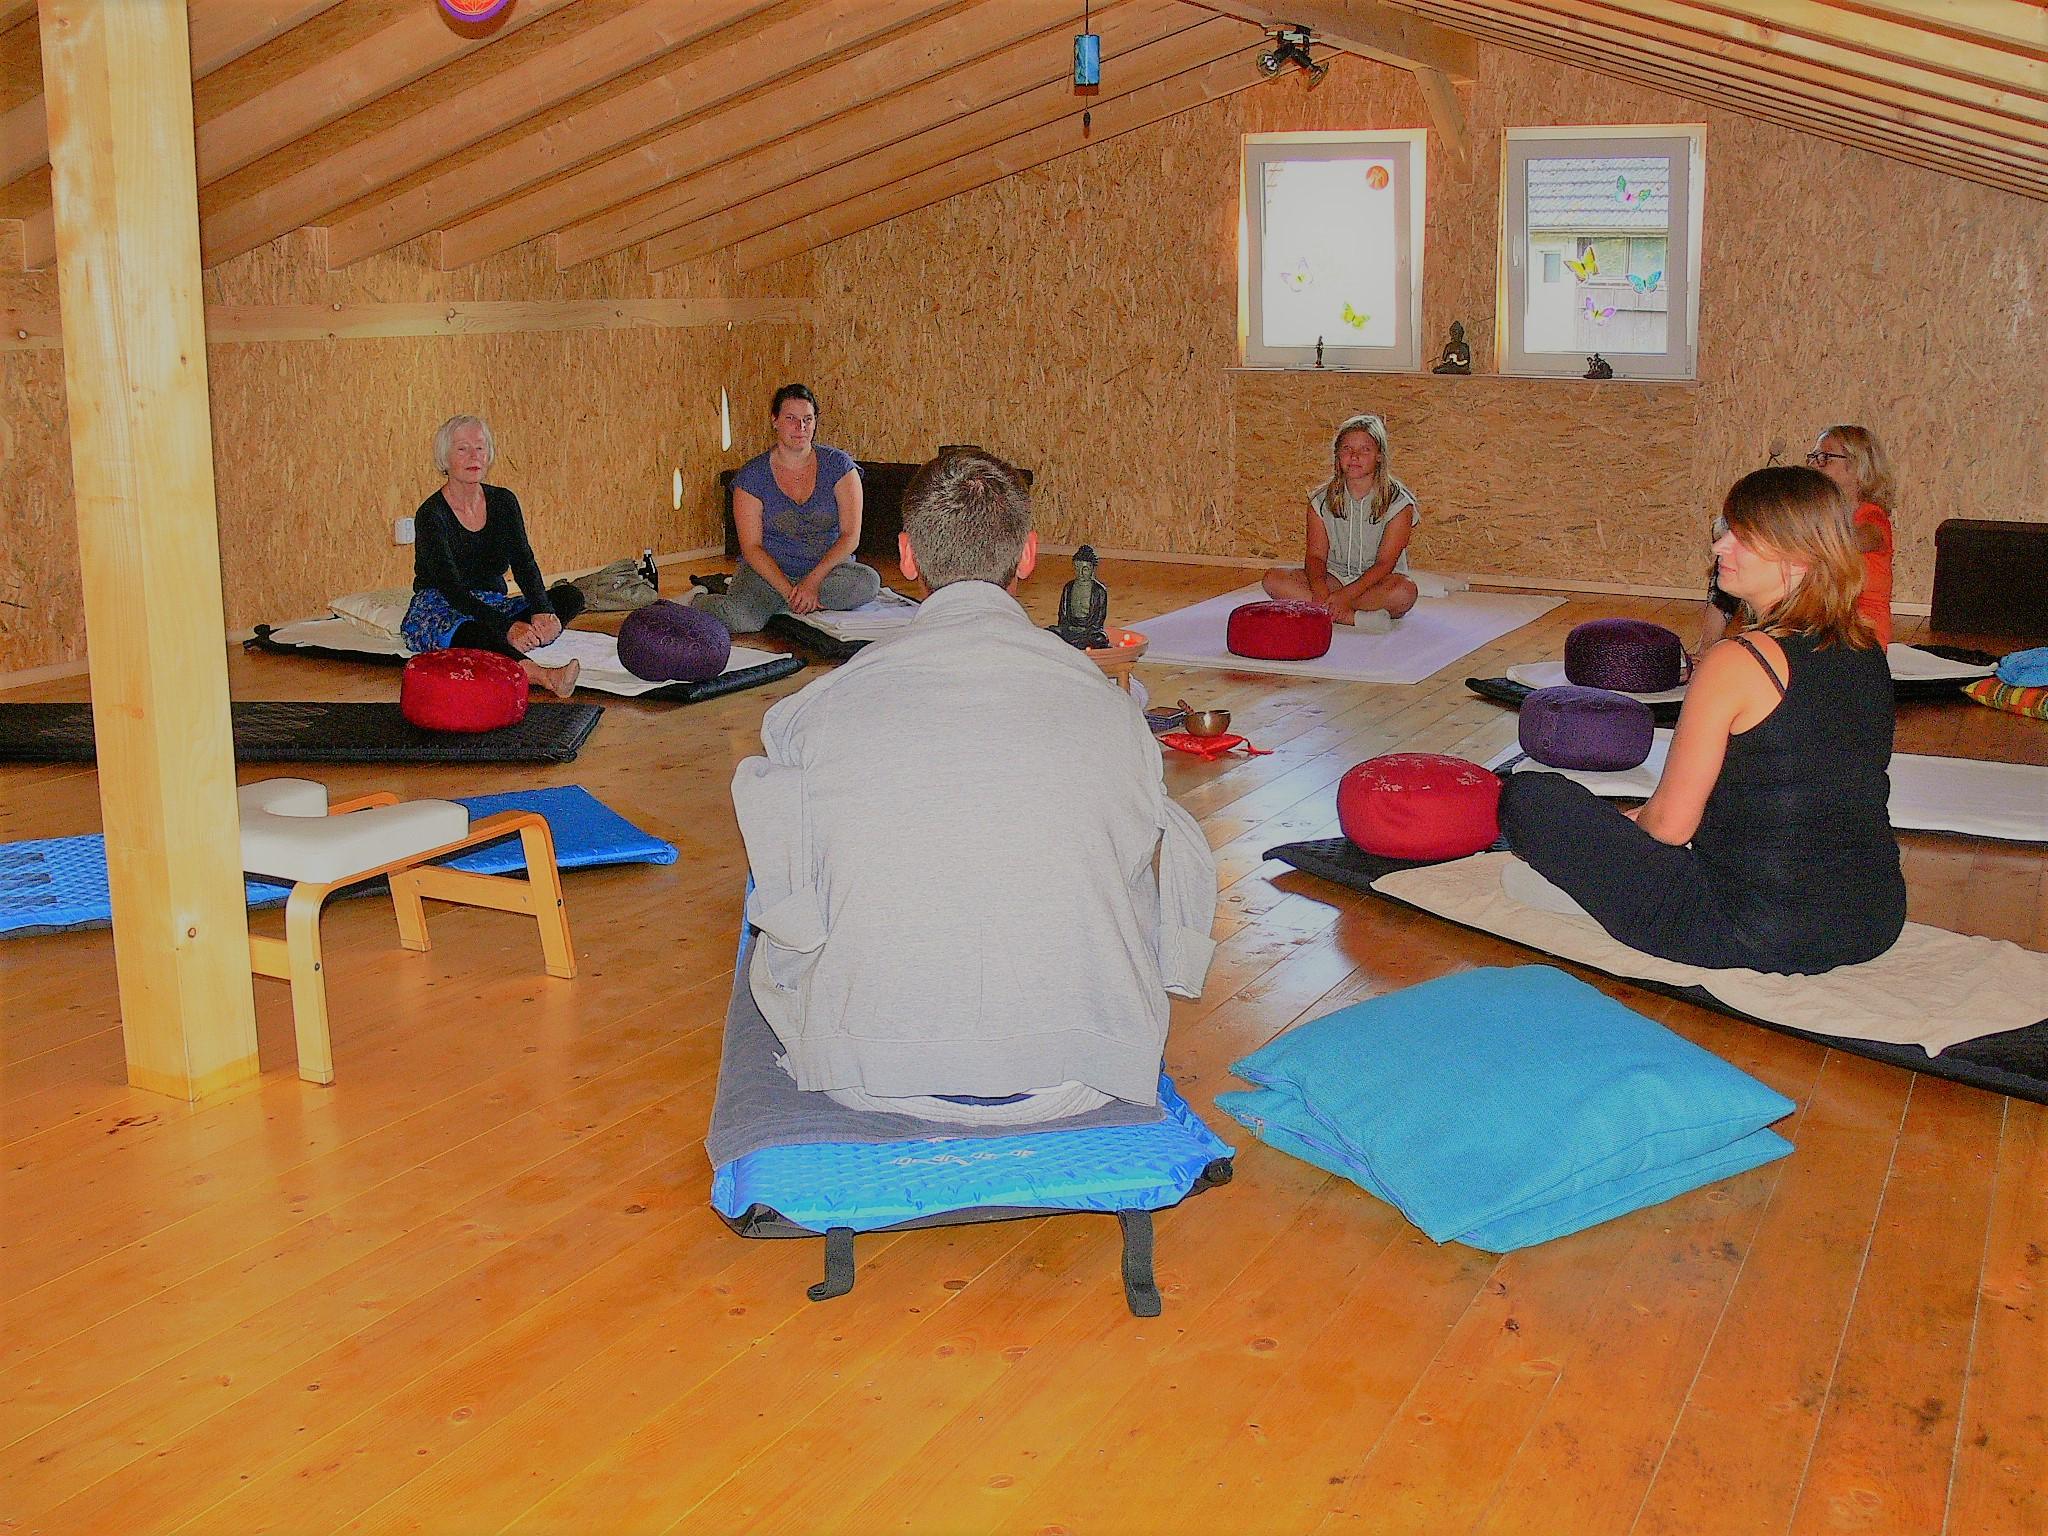 Wir machen es uns gemütlich im Meditationsraum